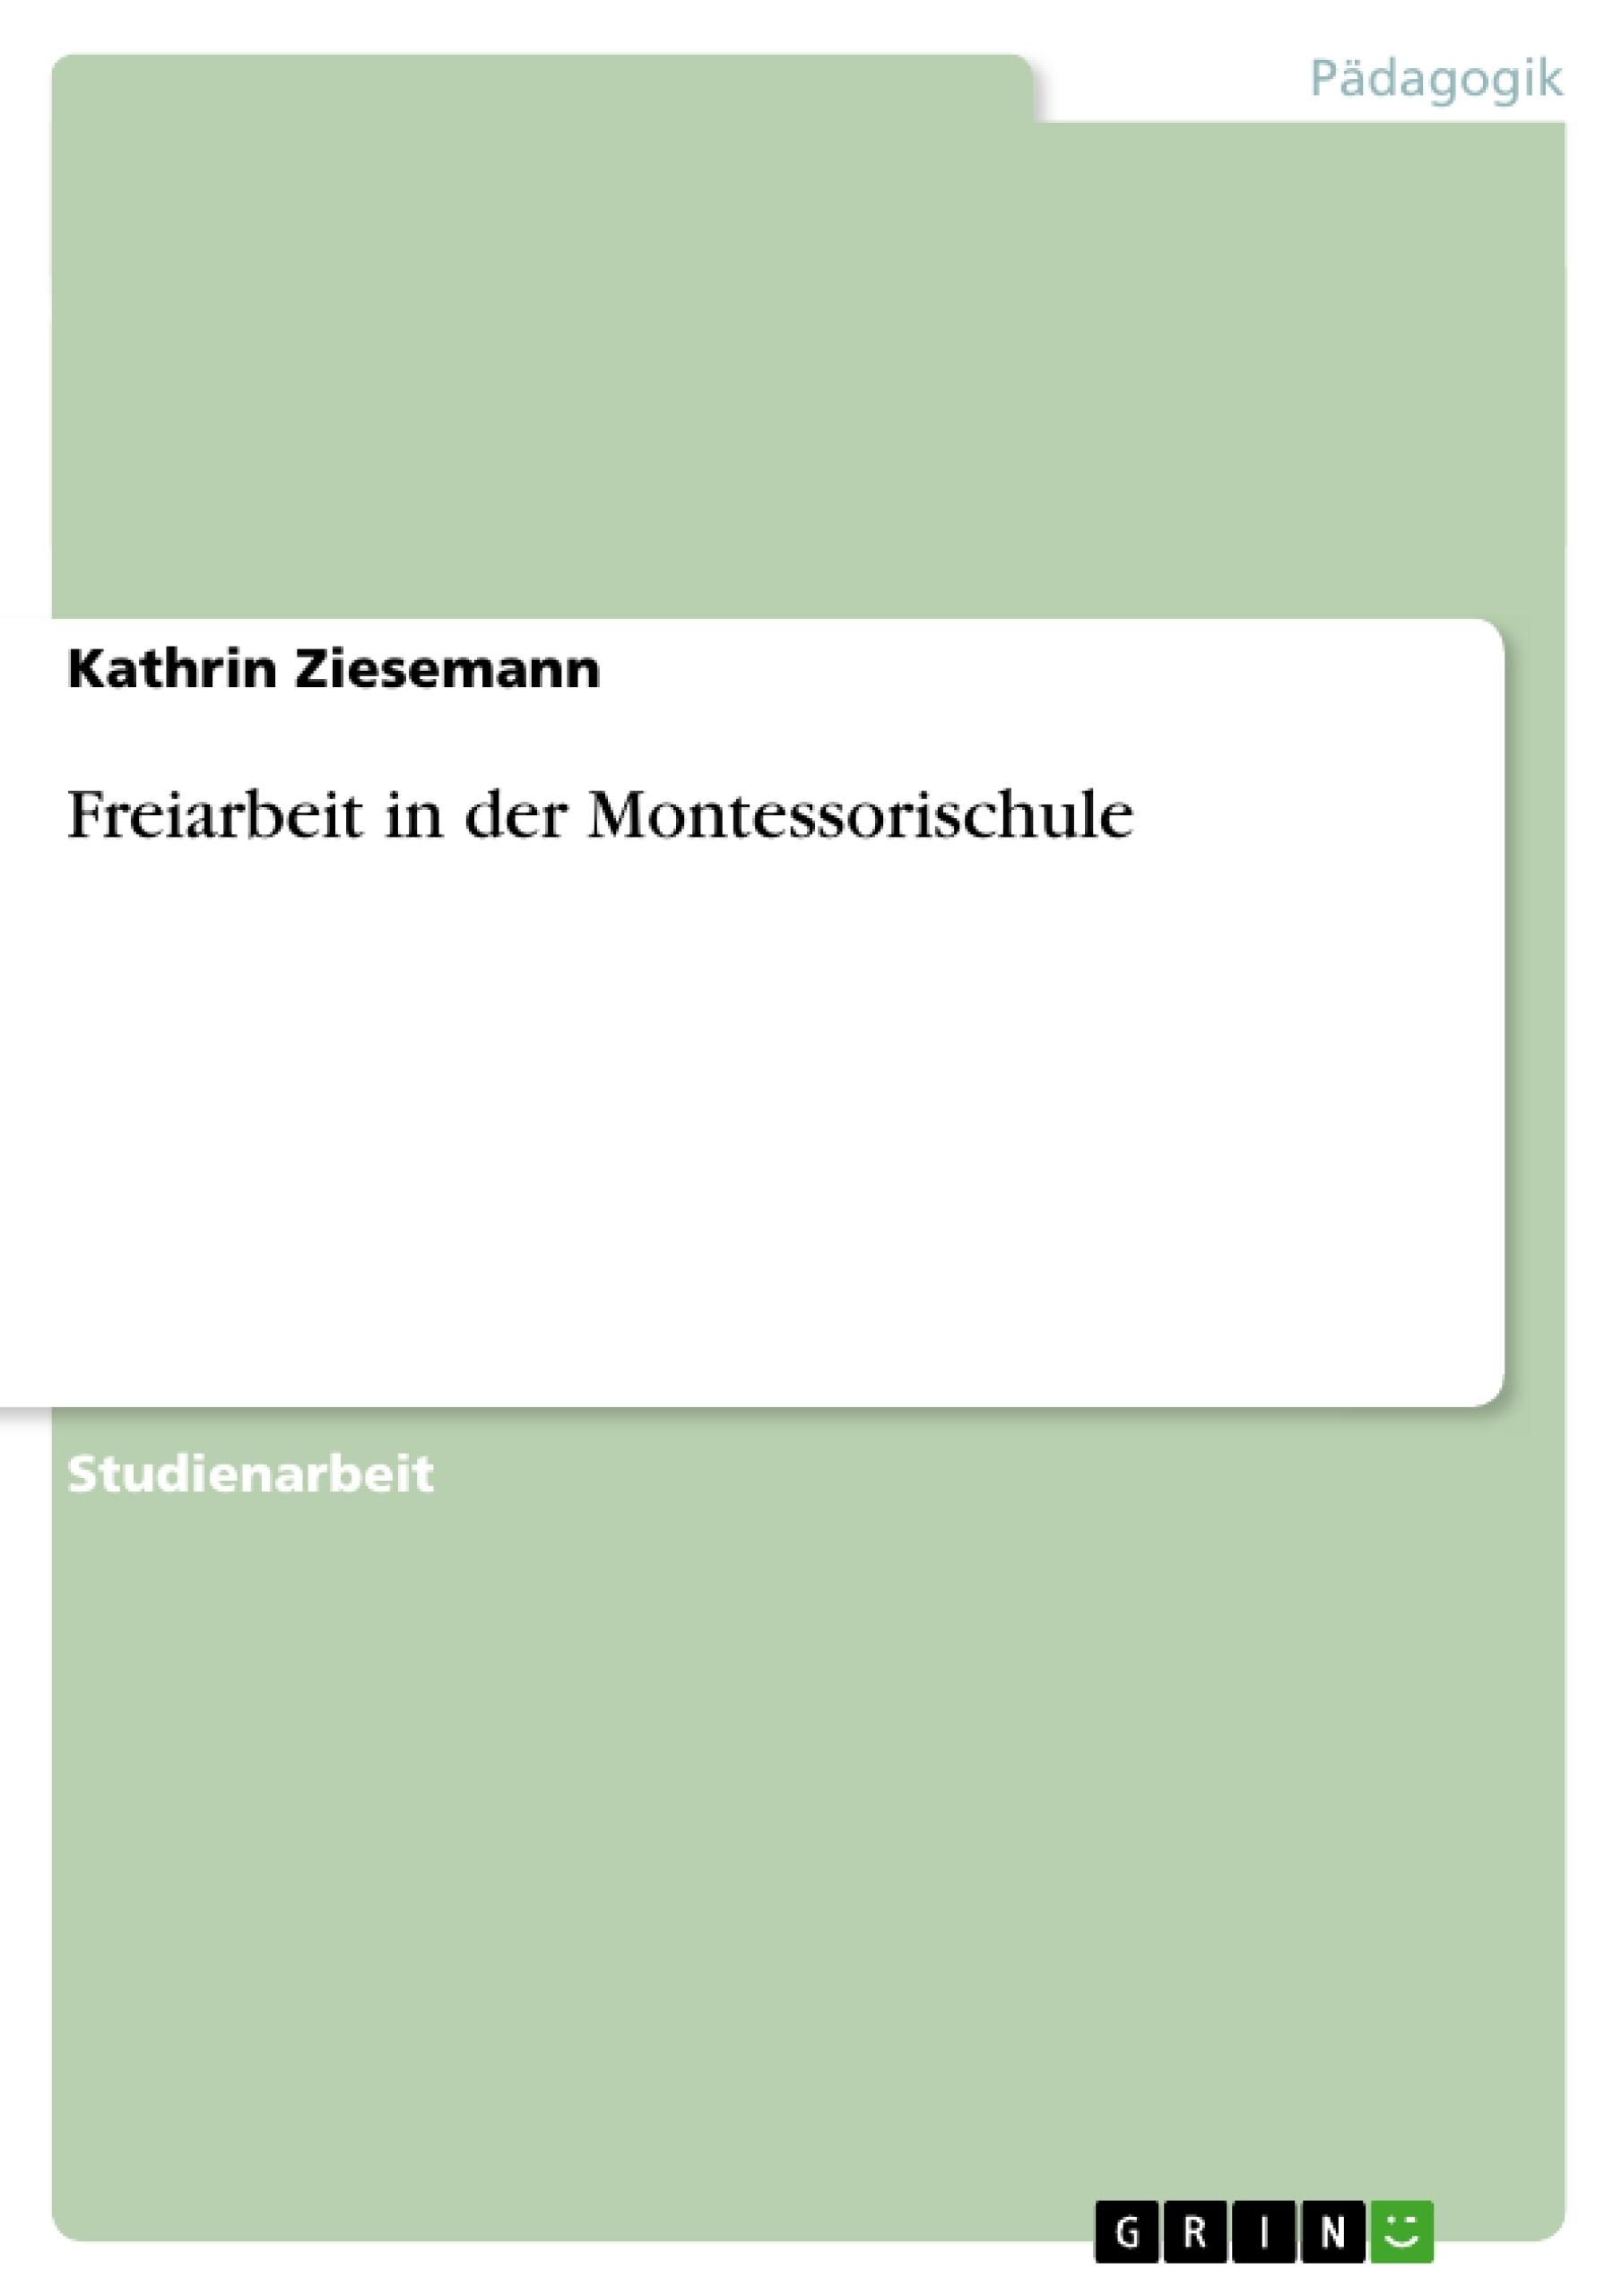 Titel: Freiarbeit in der Montessorischule